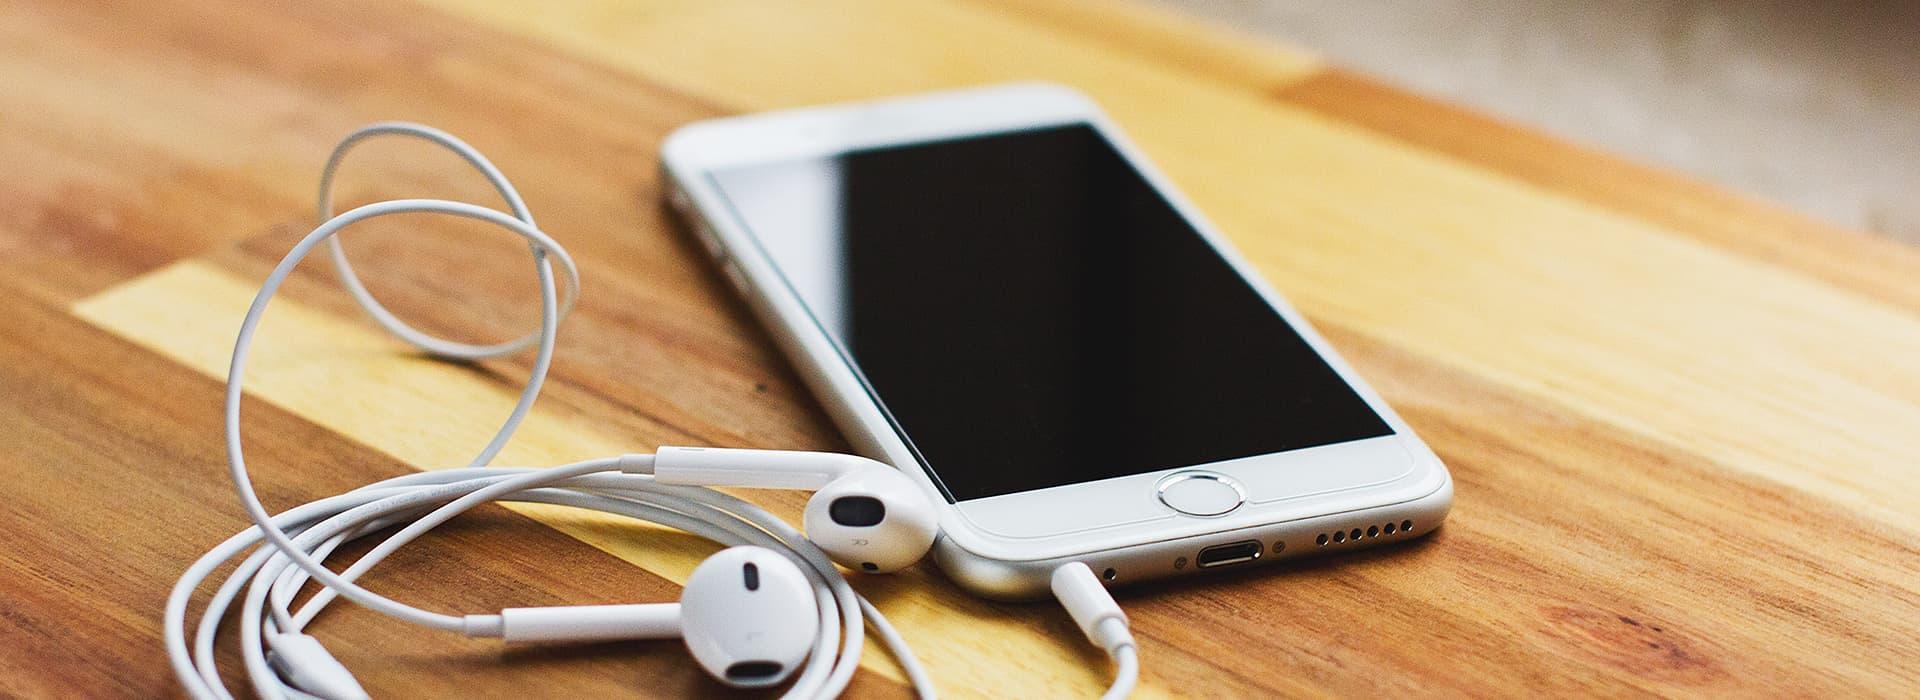 Audiosendungen